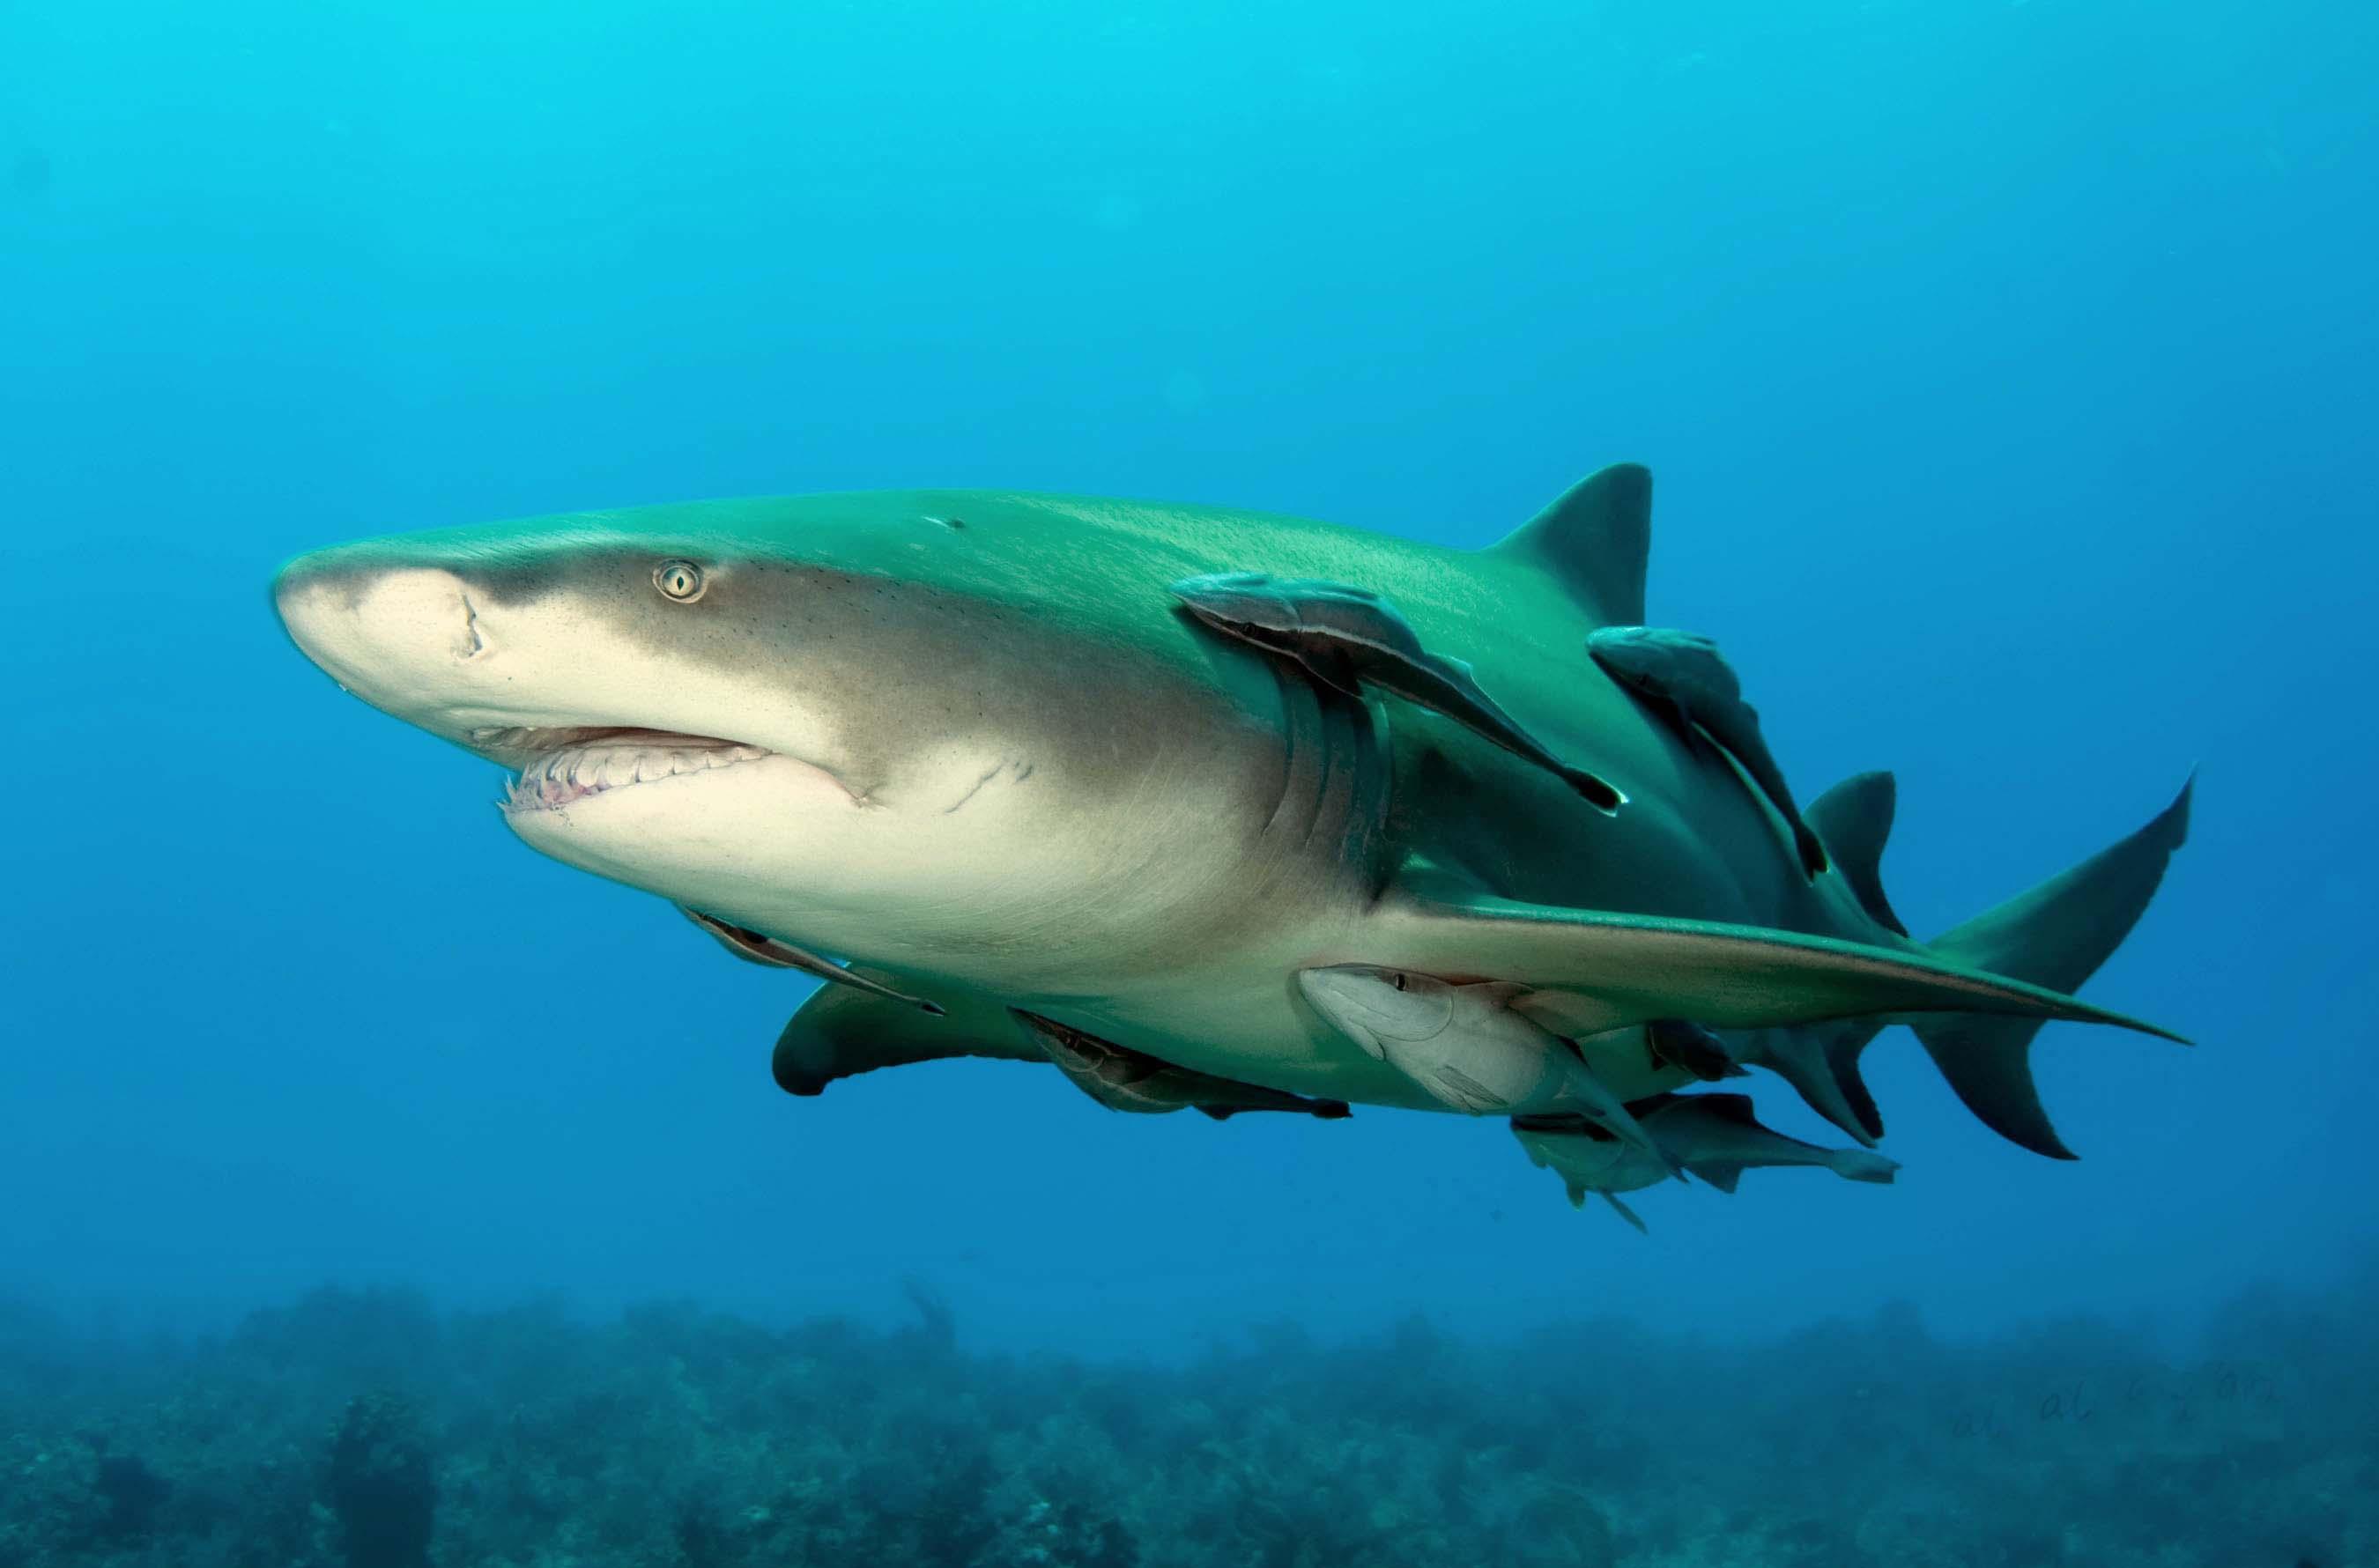 Lemon shark swims wallpaper